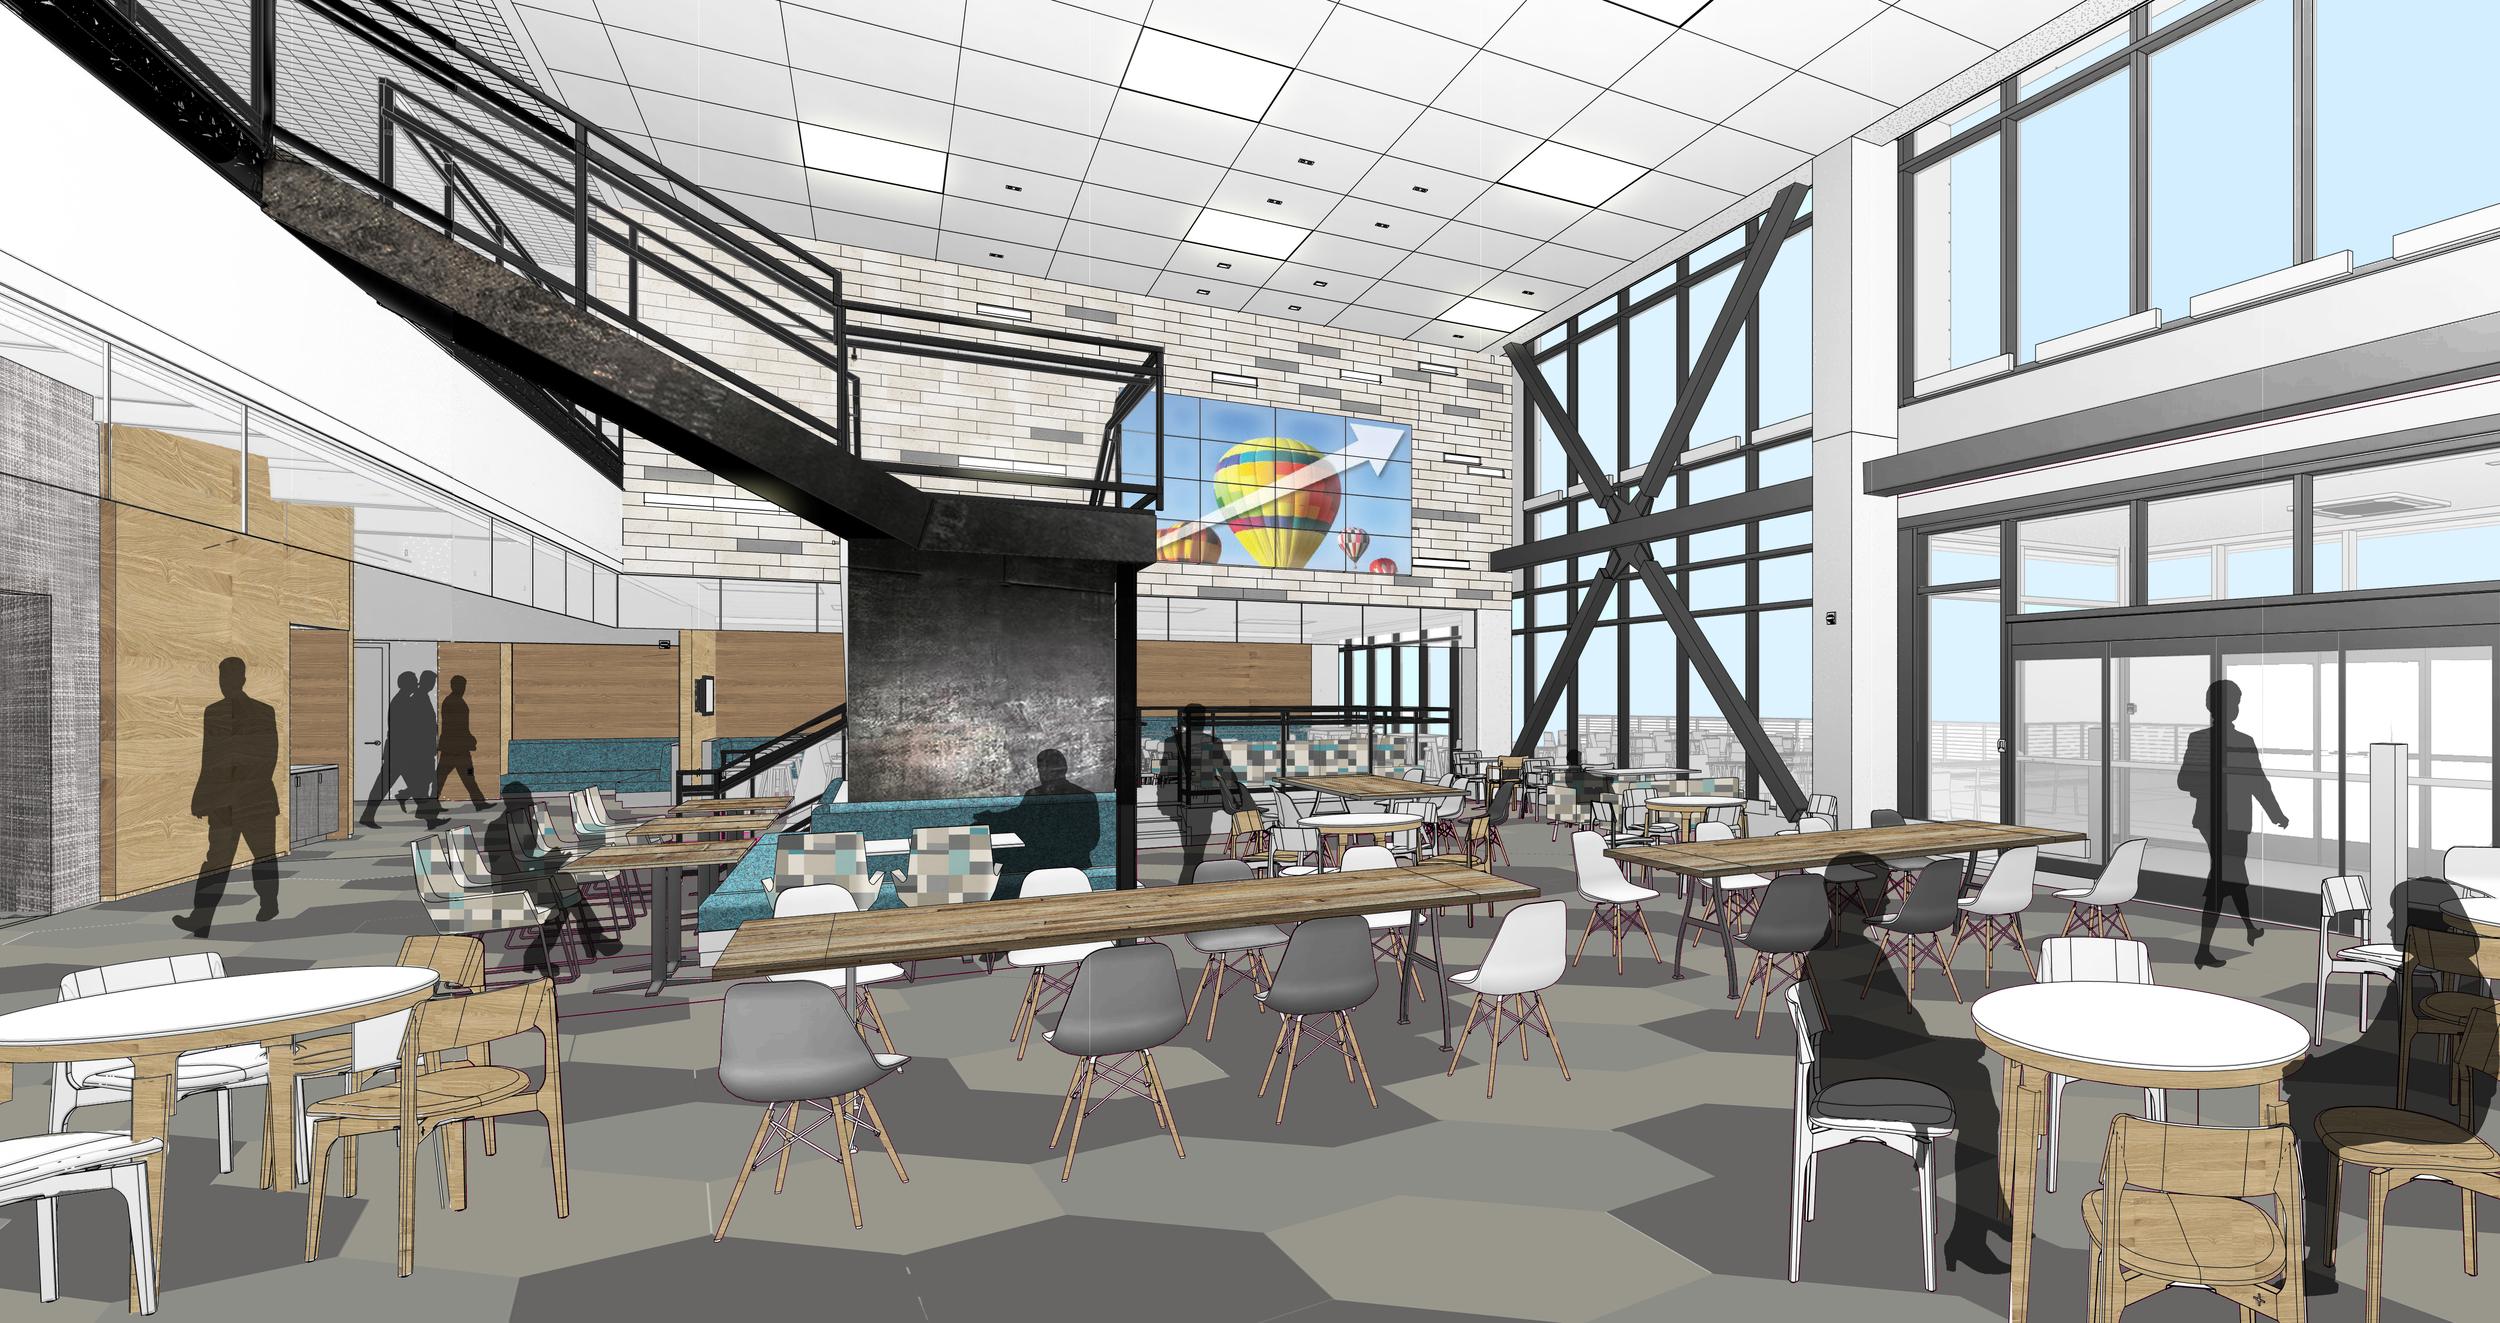 c:\Revit\14145_tnoussis - 3D View - GOOD 0402 CAFE X BRACING VIS